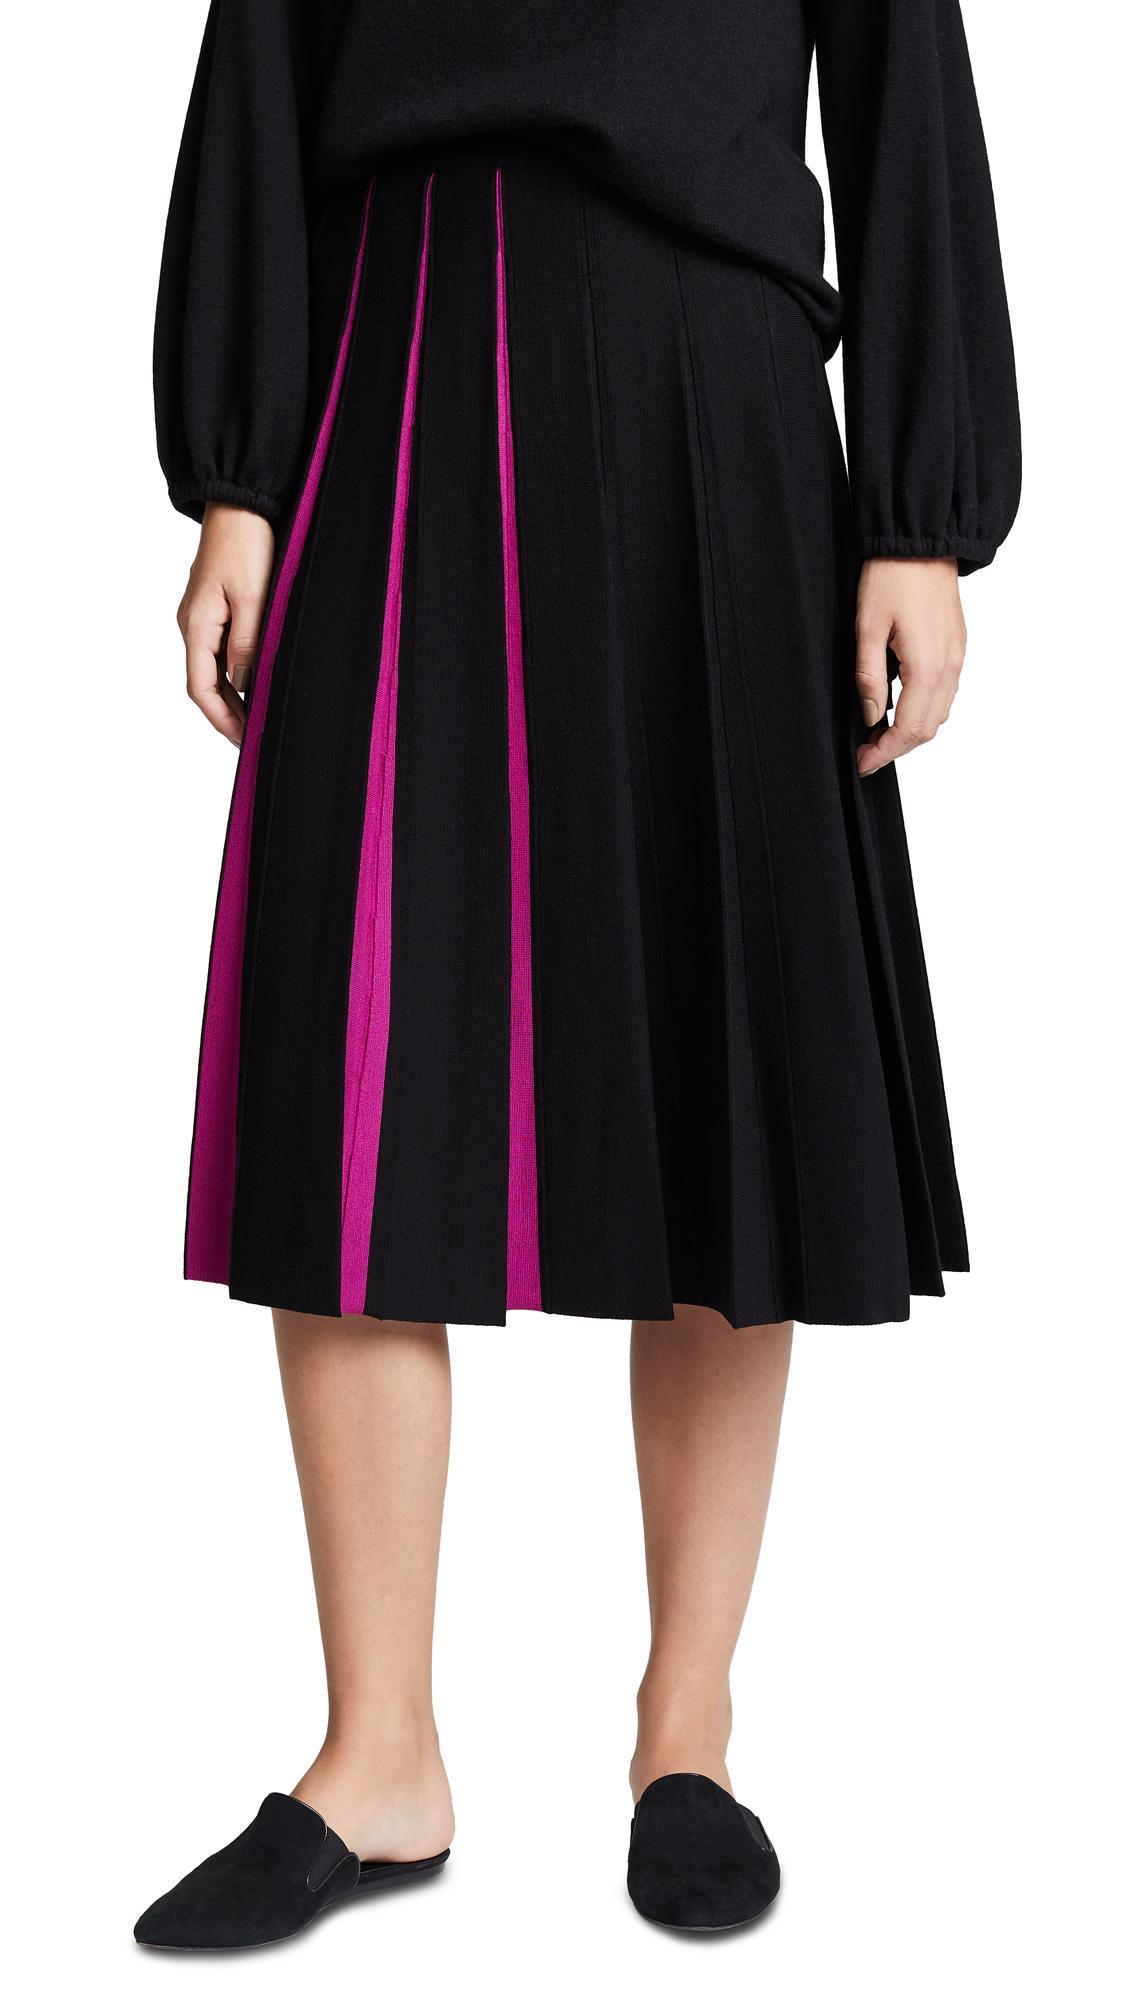 9e90fcc87d Tse Cashmere Pleated Midi Skirt In Black/Ultraviolet | ModeSens